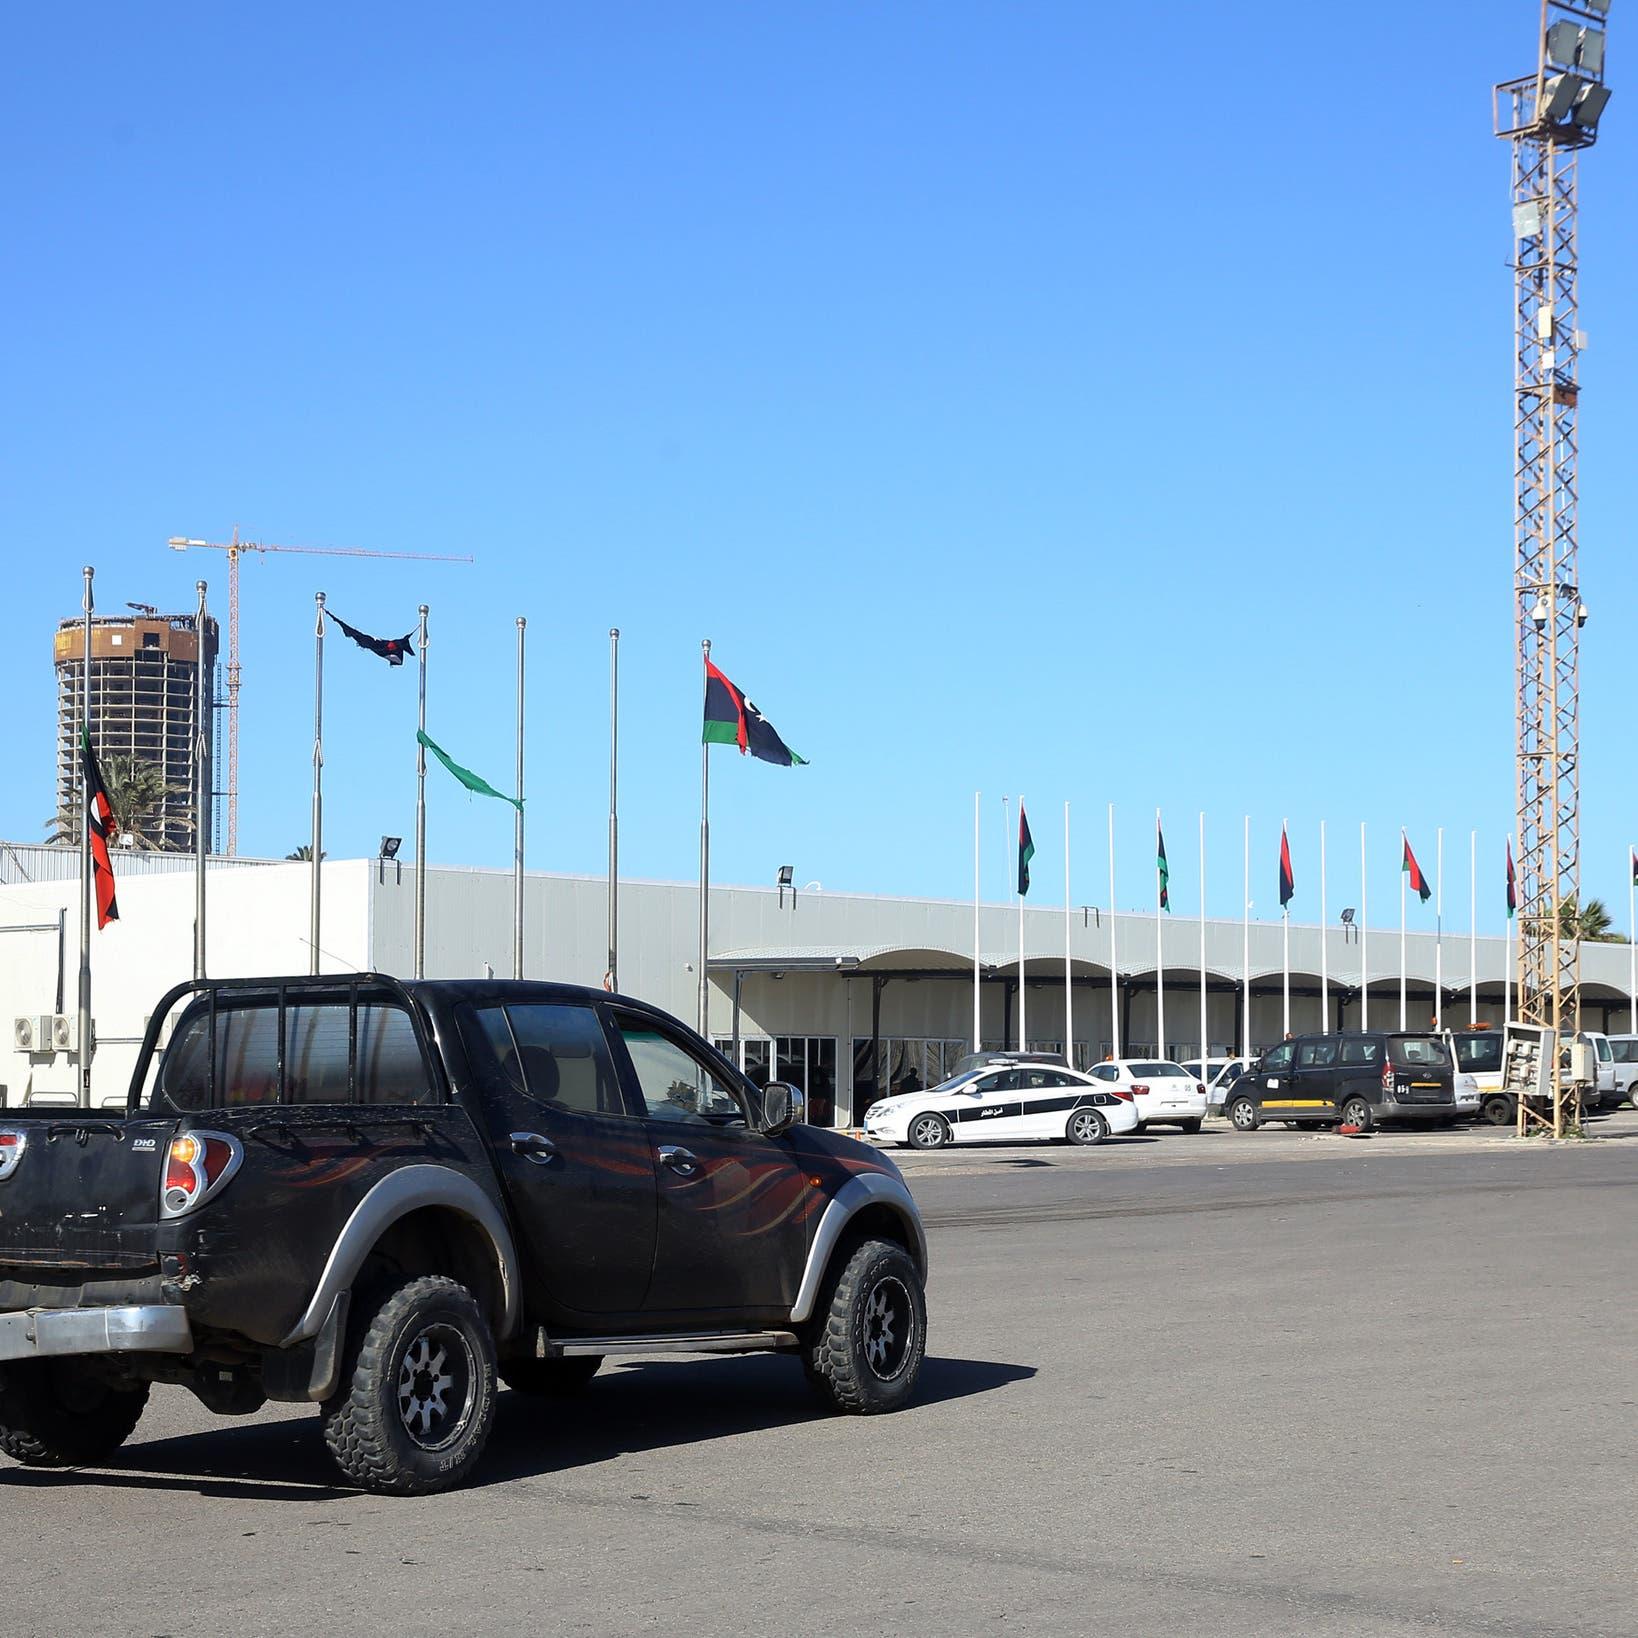 غارتان للجيش الليبي على مطار معيتيقة في طرابلس